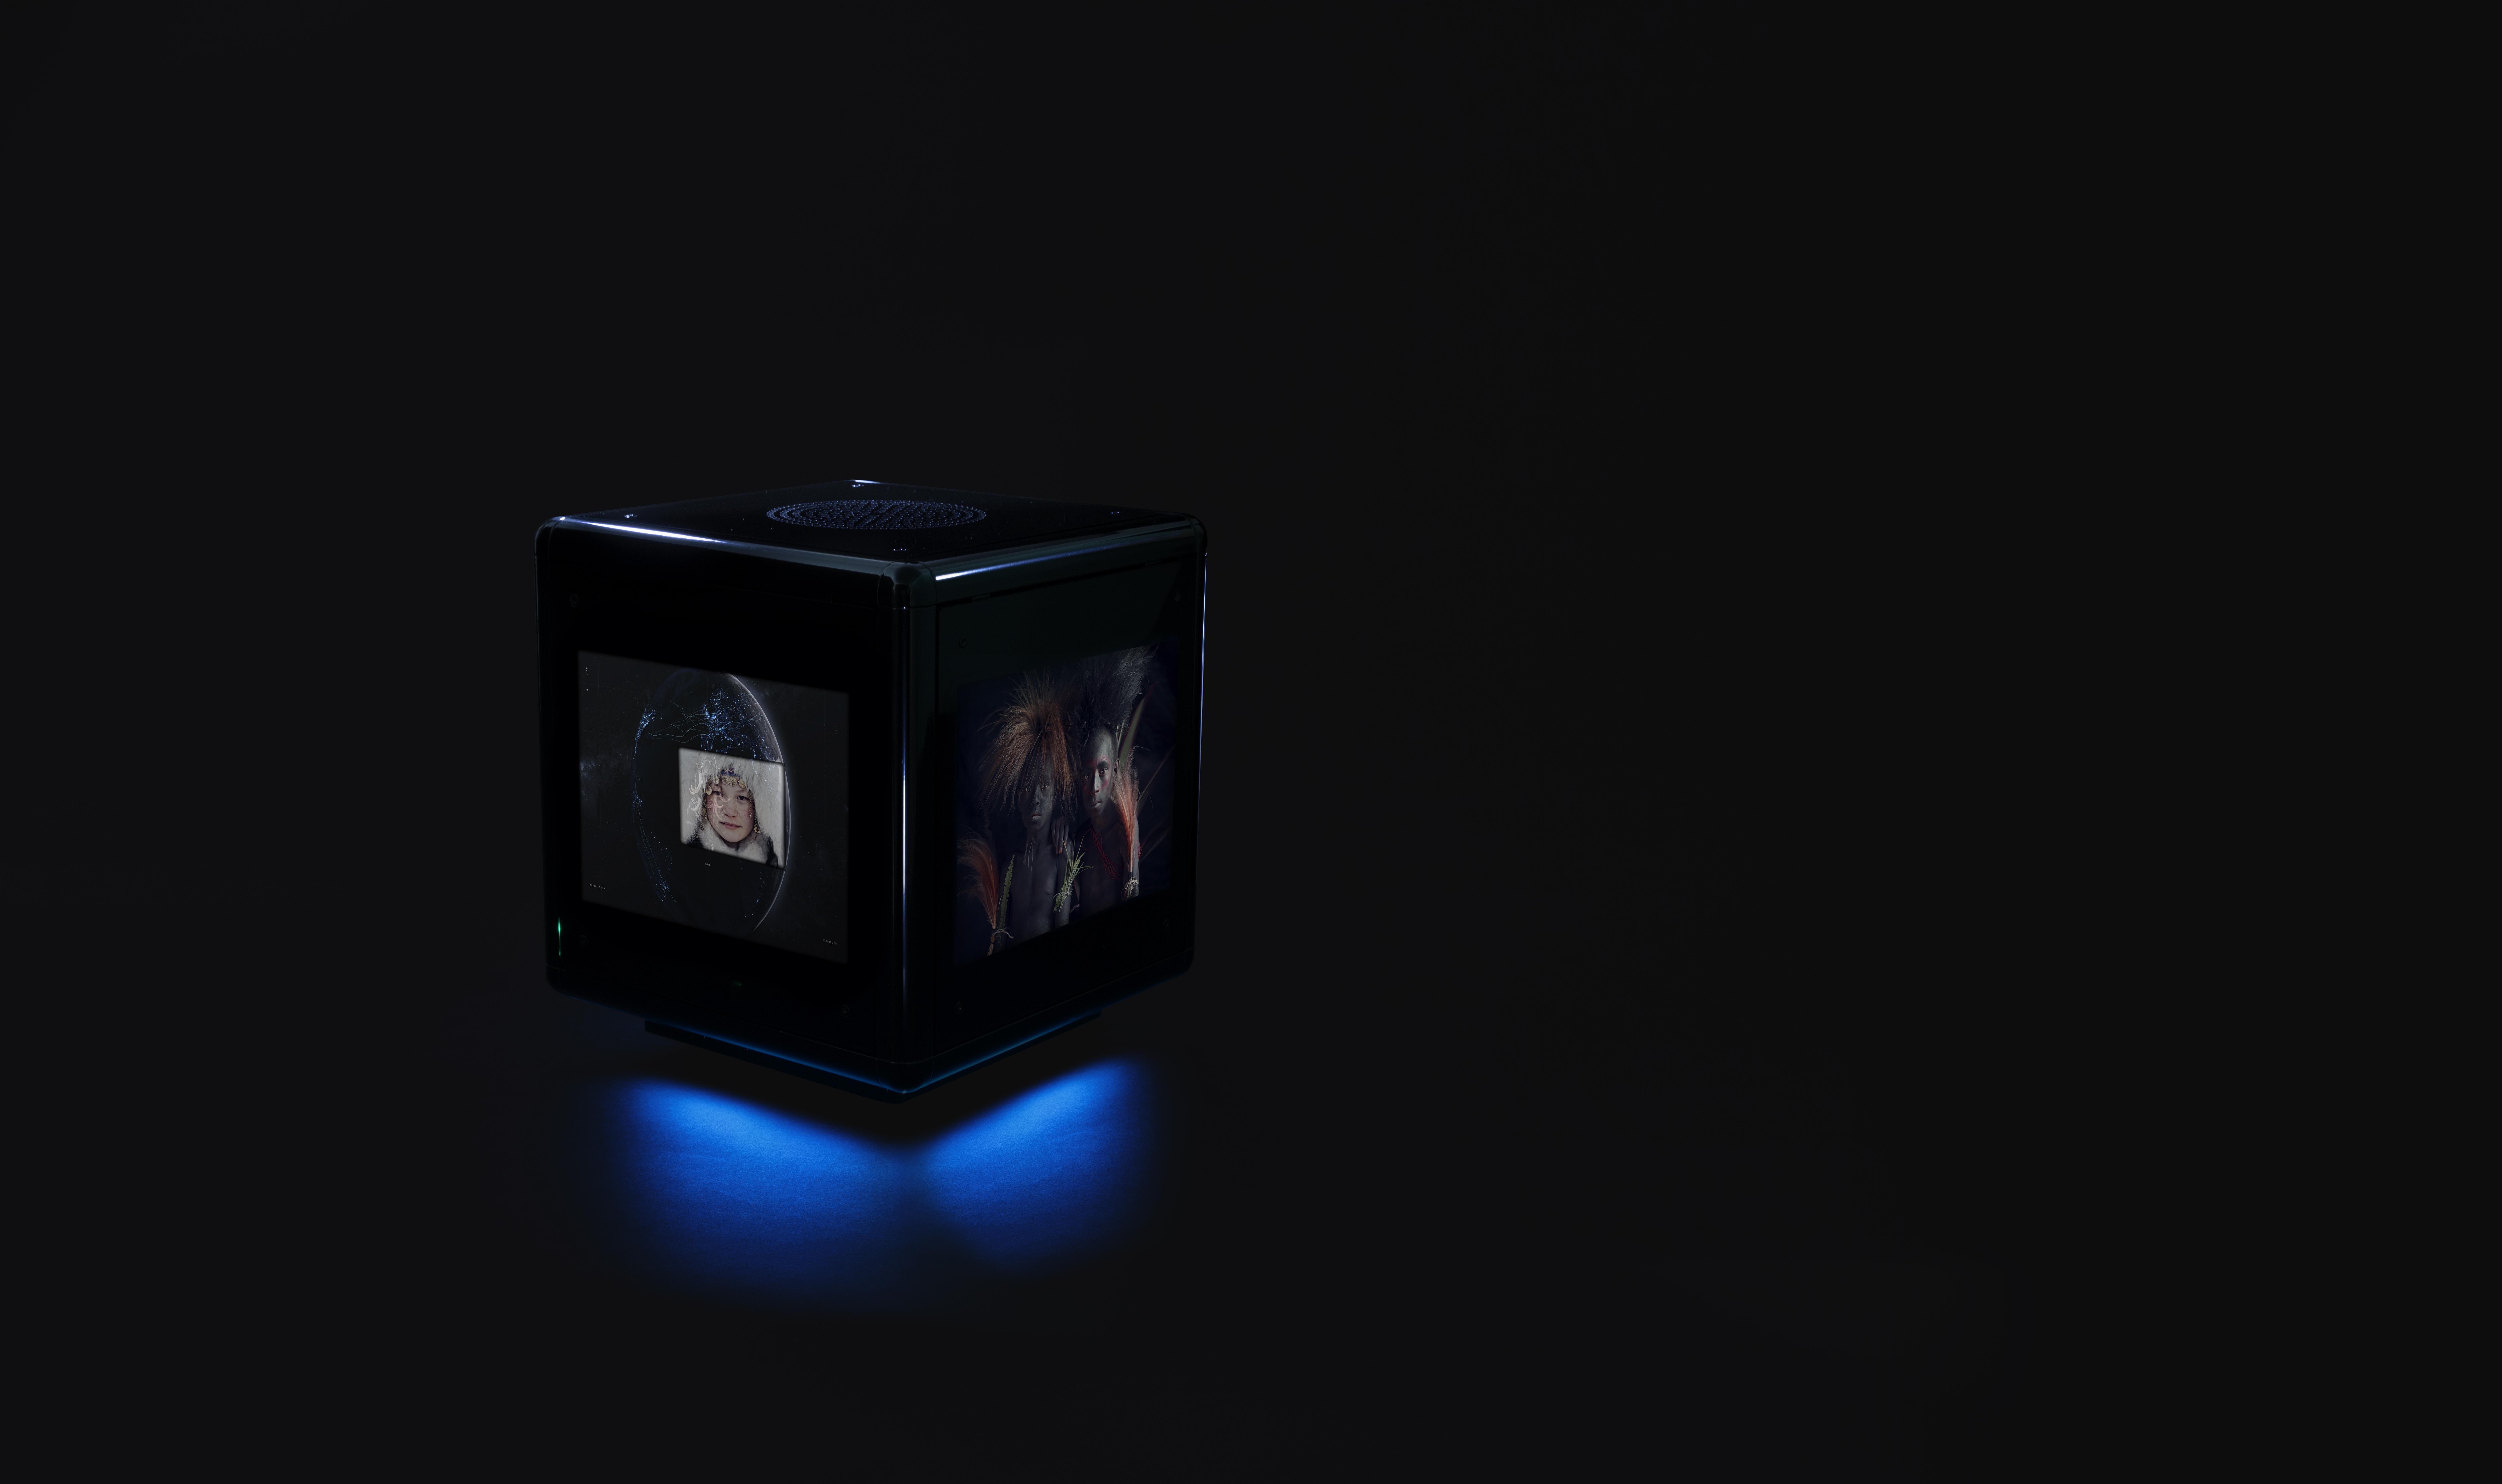 306017 key%20visual%20robot hr details dark a06a5a original 1552155939